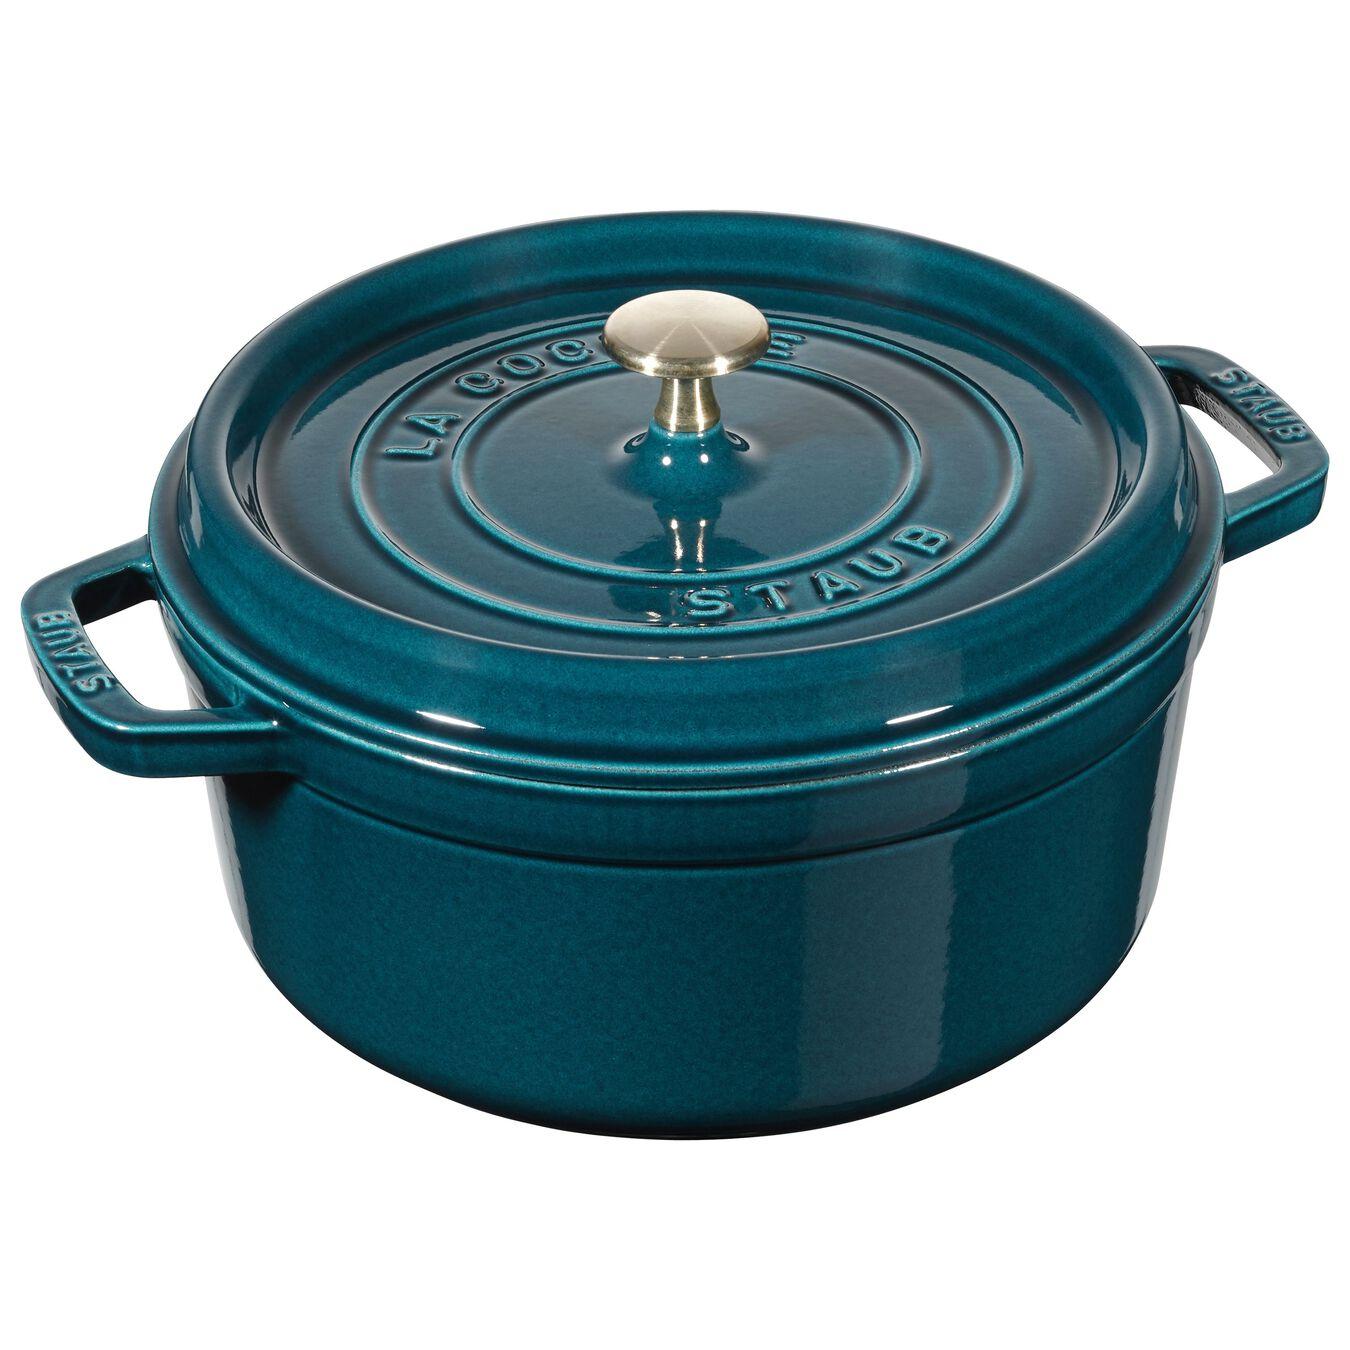 Cocotte 22 cm, Rond(e), Blue La-Mer, Fonte,,large 1